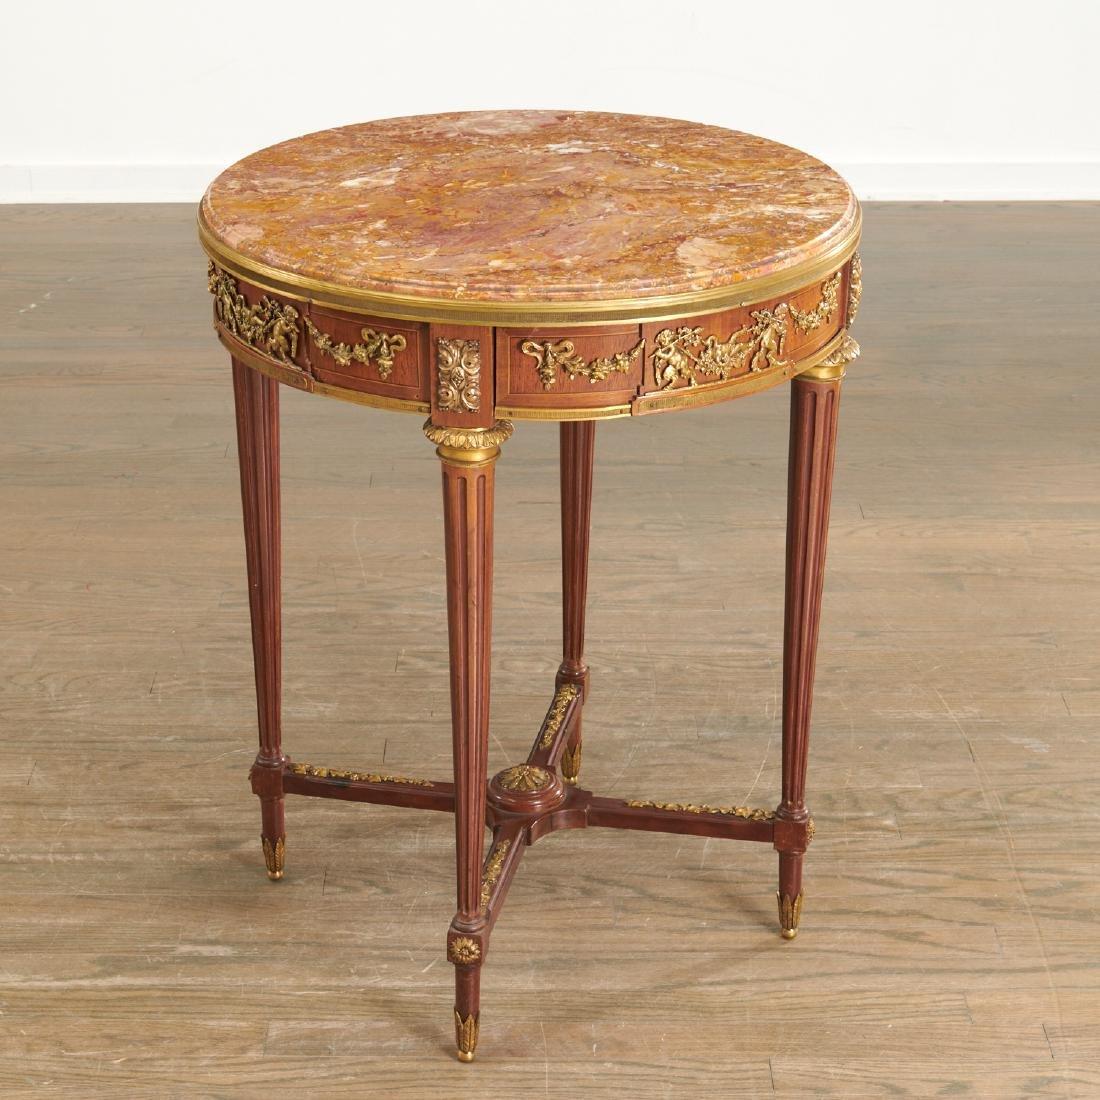 Louis XVI style mahogany marble top gueridon